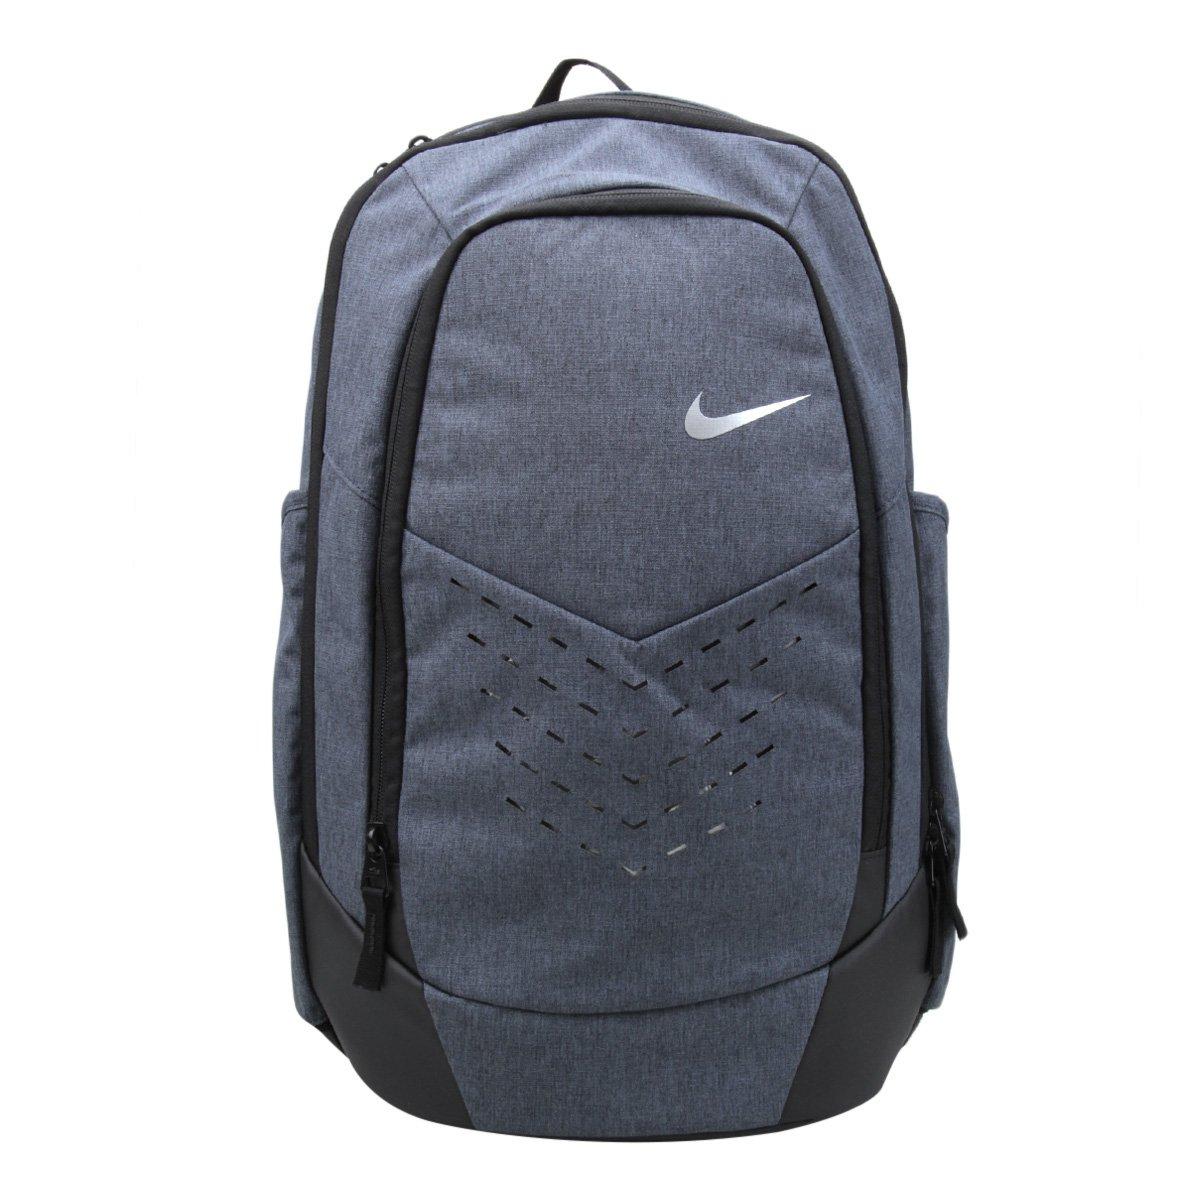 c093d0e07 Mochila Nike Vapor Energy | Netshoes